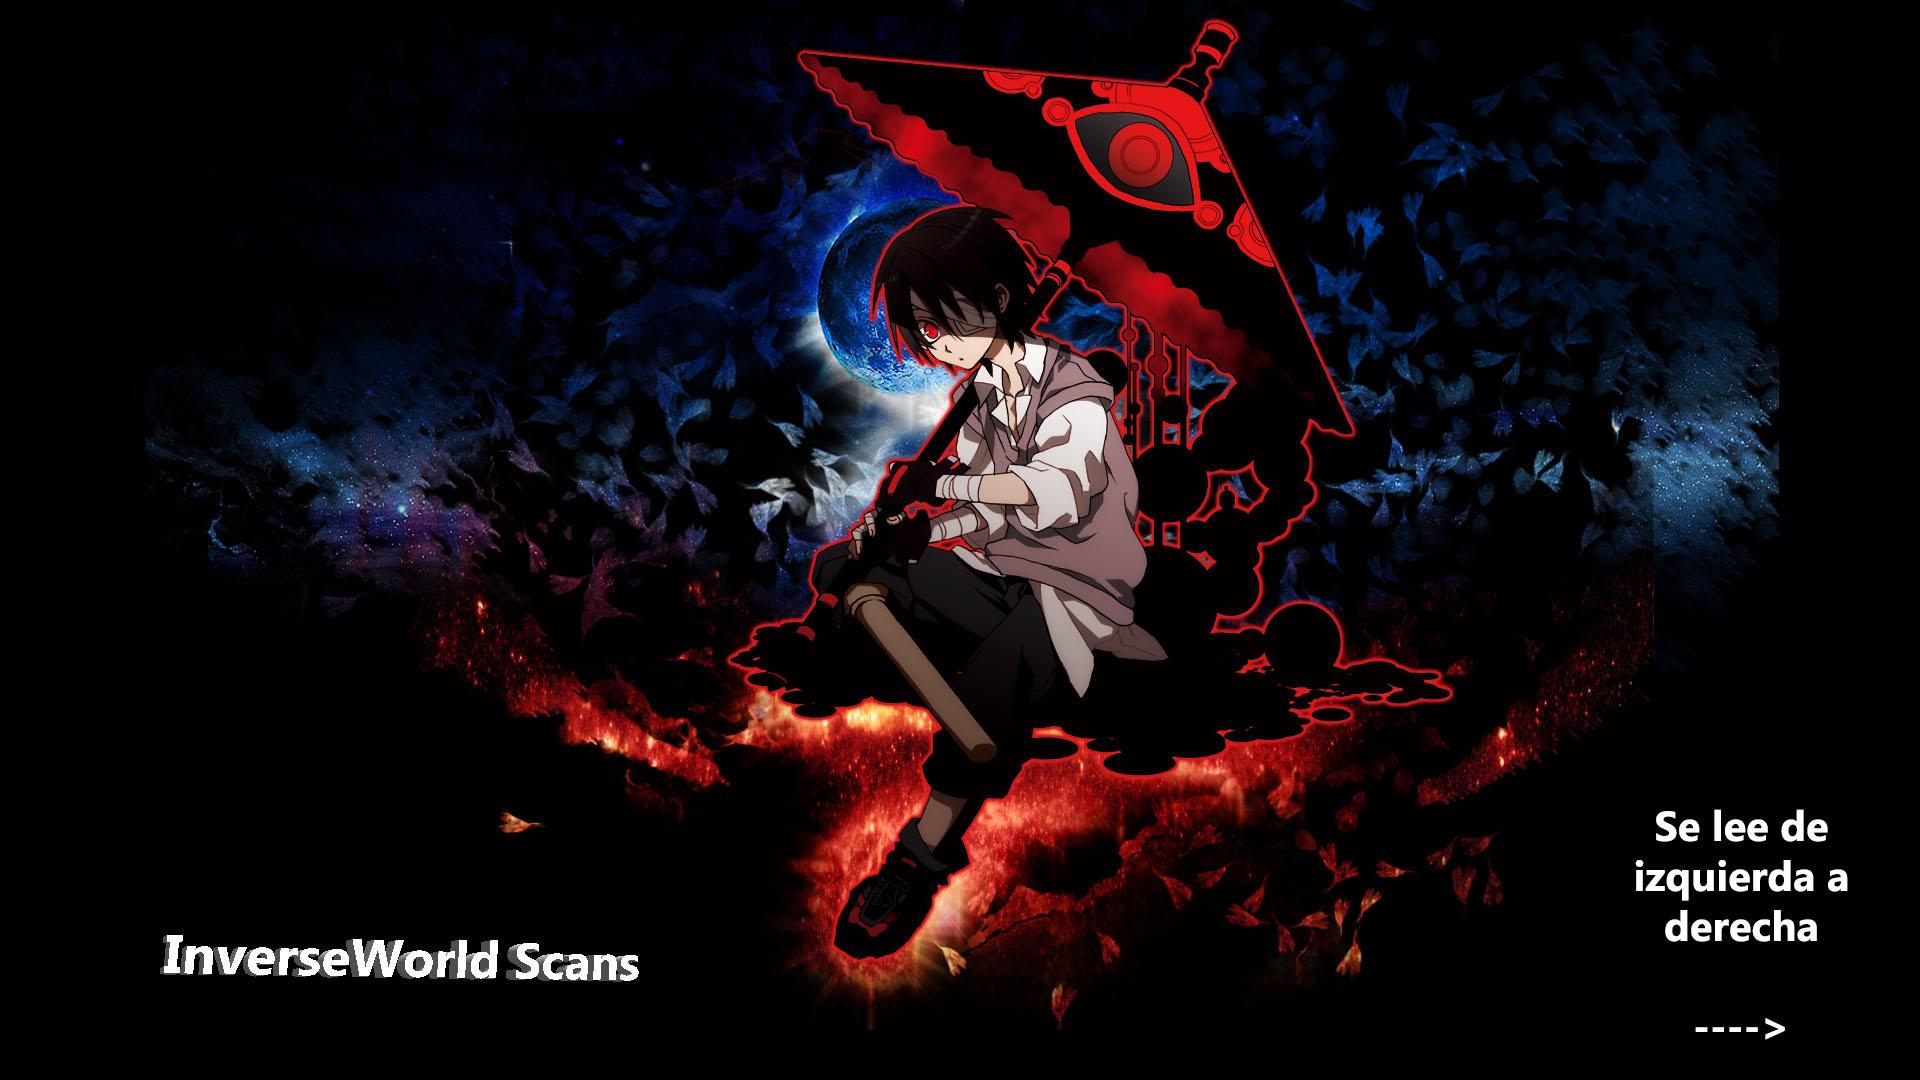 http://c5.ninemanga.com/es_manga/18/16210/415329/a26c2b4ee43d1a054c2bca529d7c401d.jpg Page 1